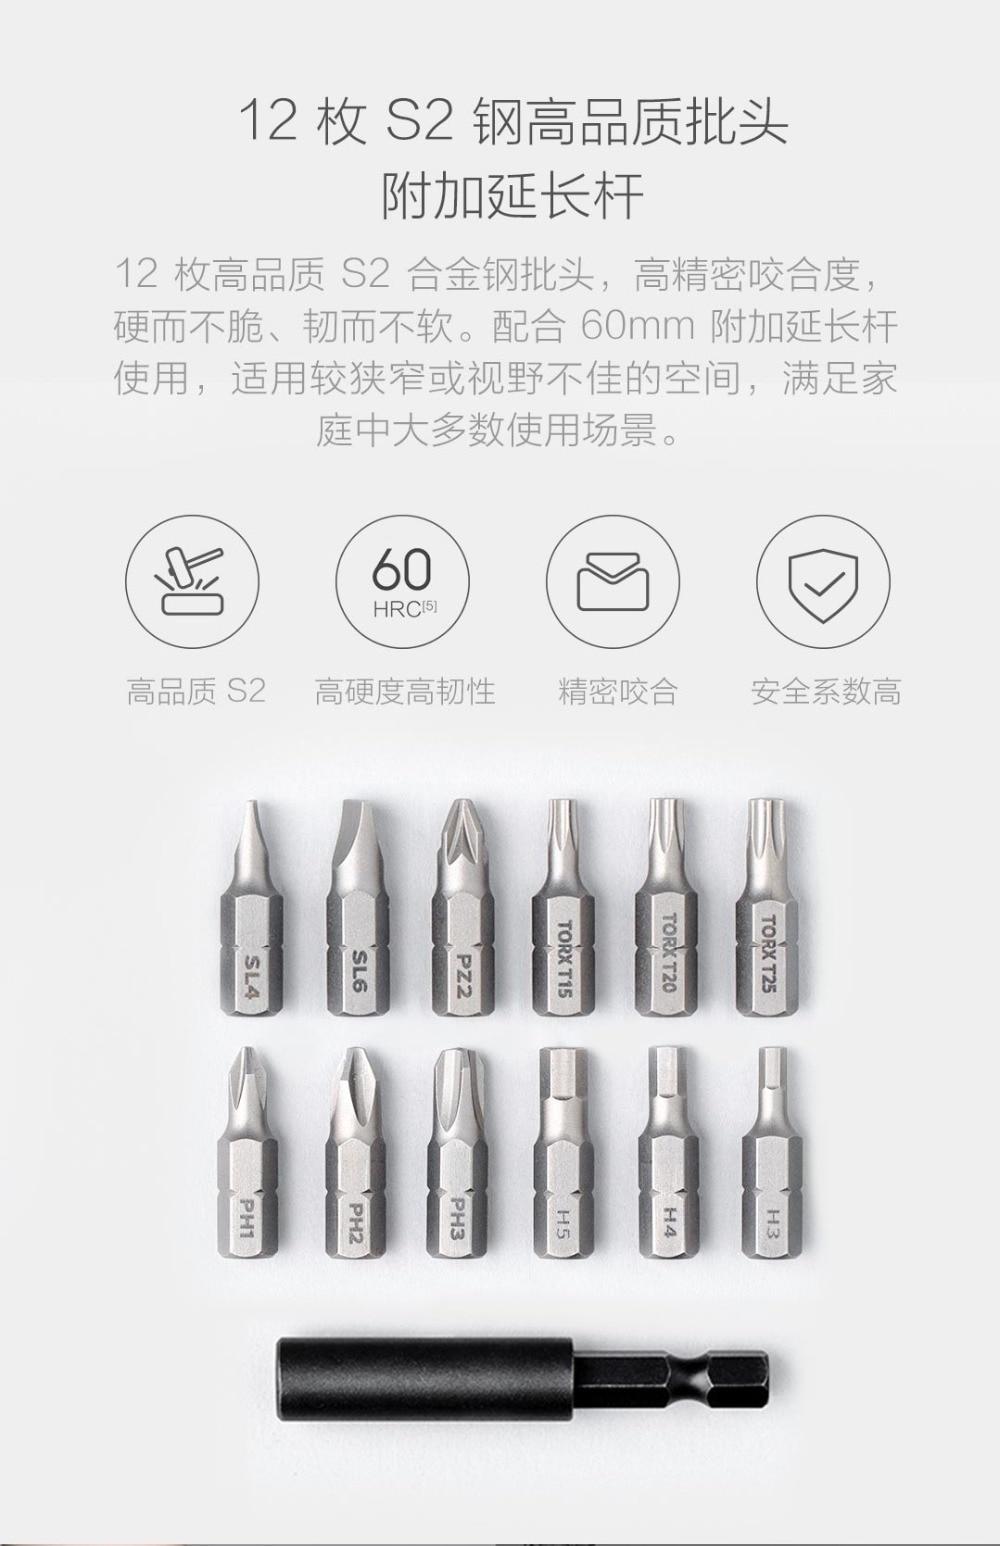 Xiaomi Mijia Electric Screwdriver (14)